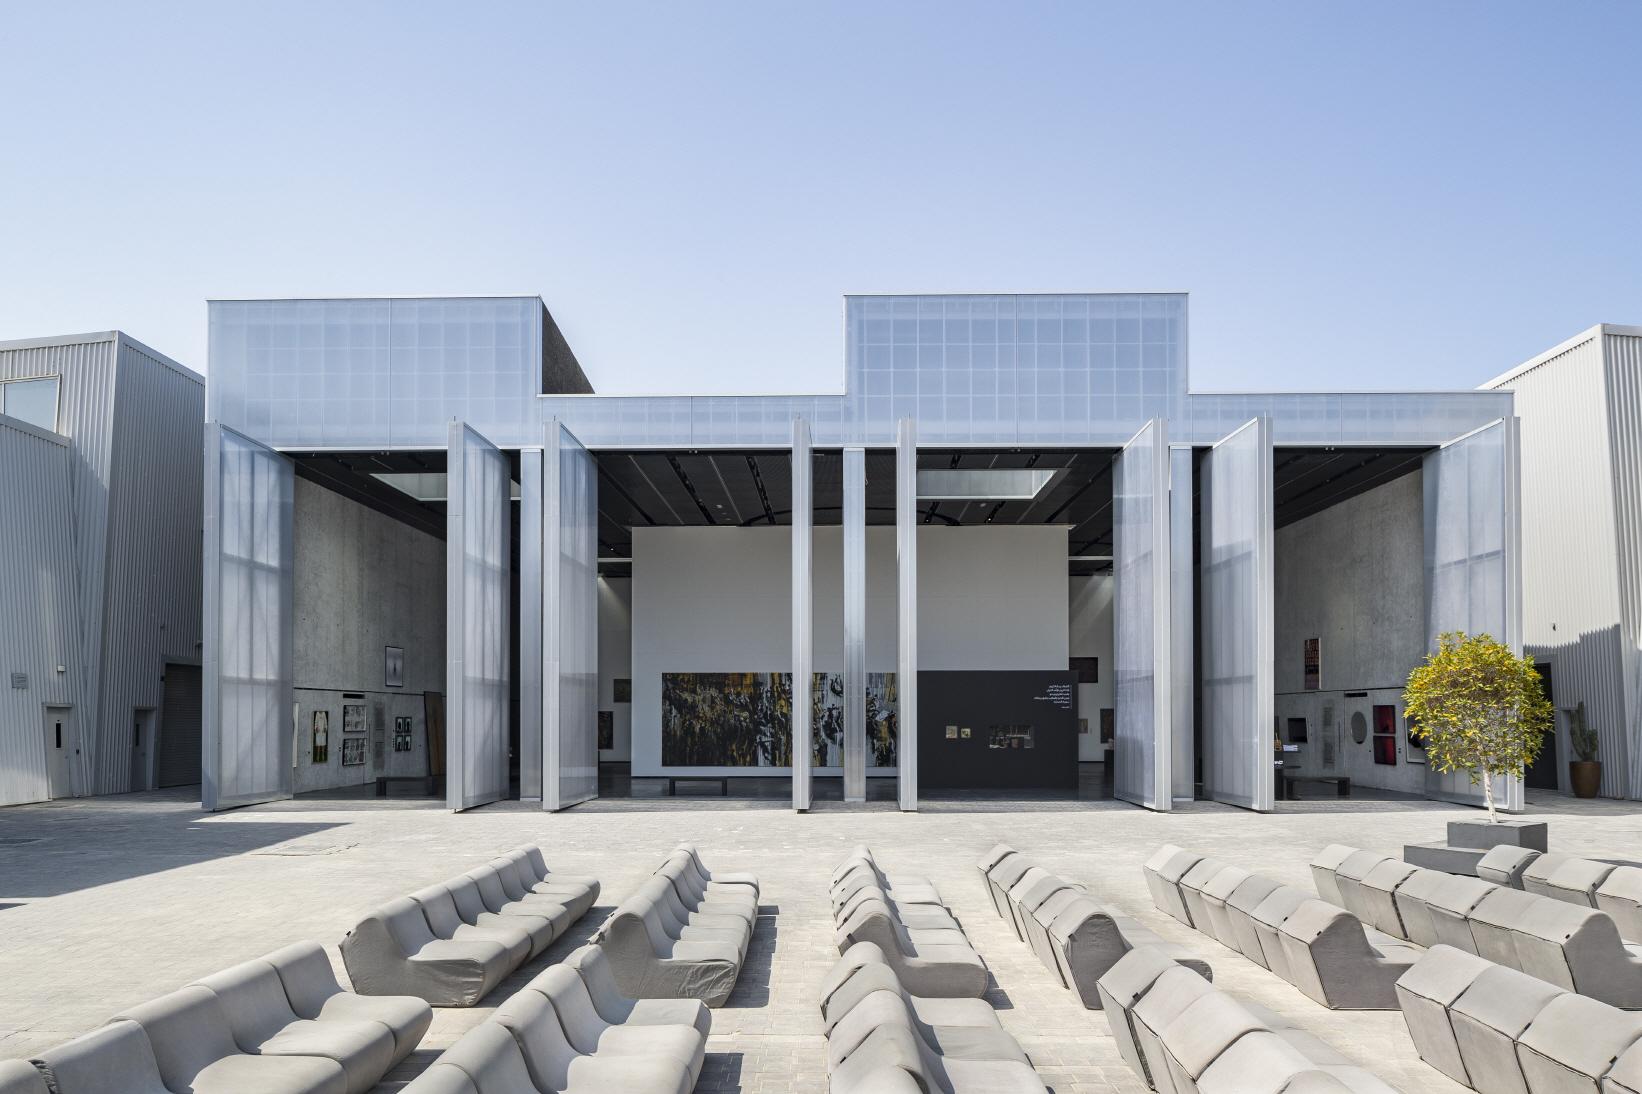 〔안정원의 디자인 칼럼〕 두바이 알세르칼 거리에 새롭게 들어선 복합문화센터 '콘크리트' 1